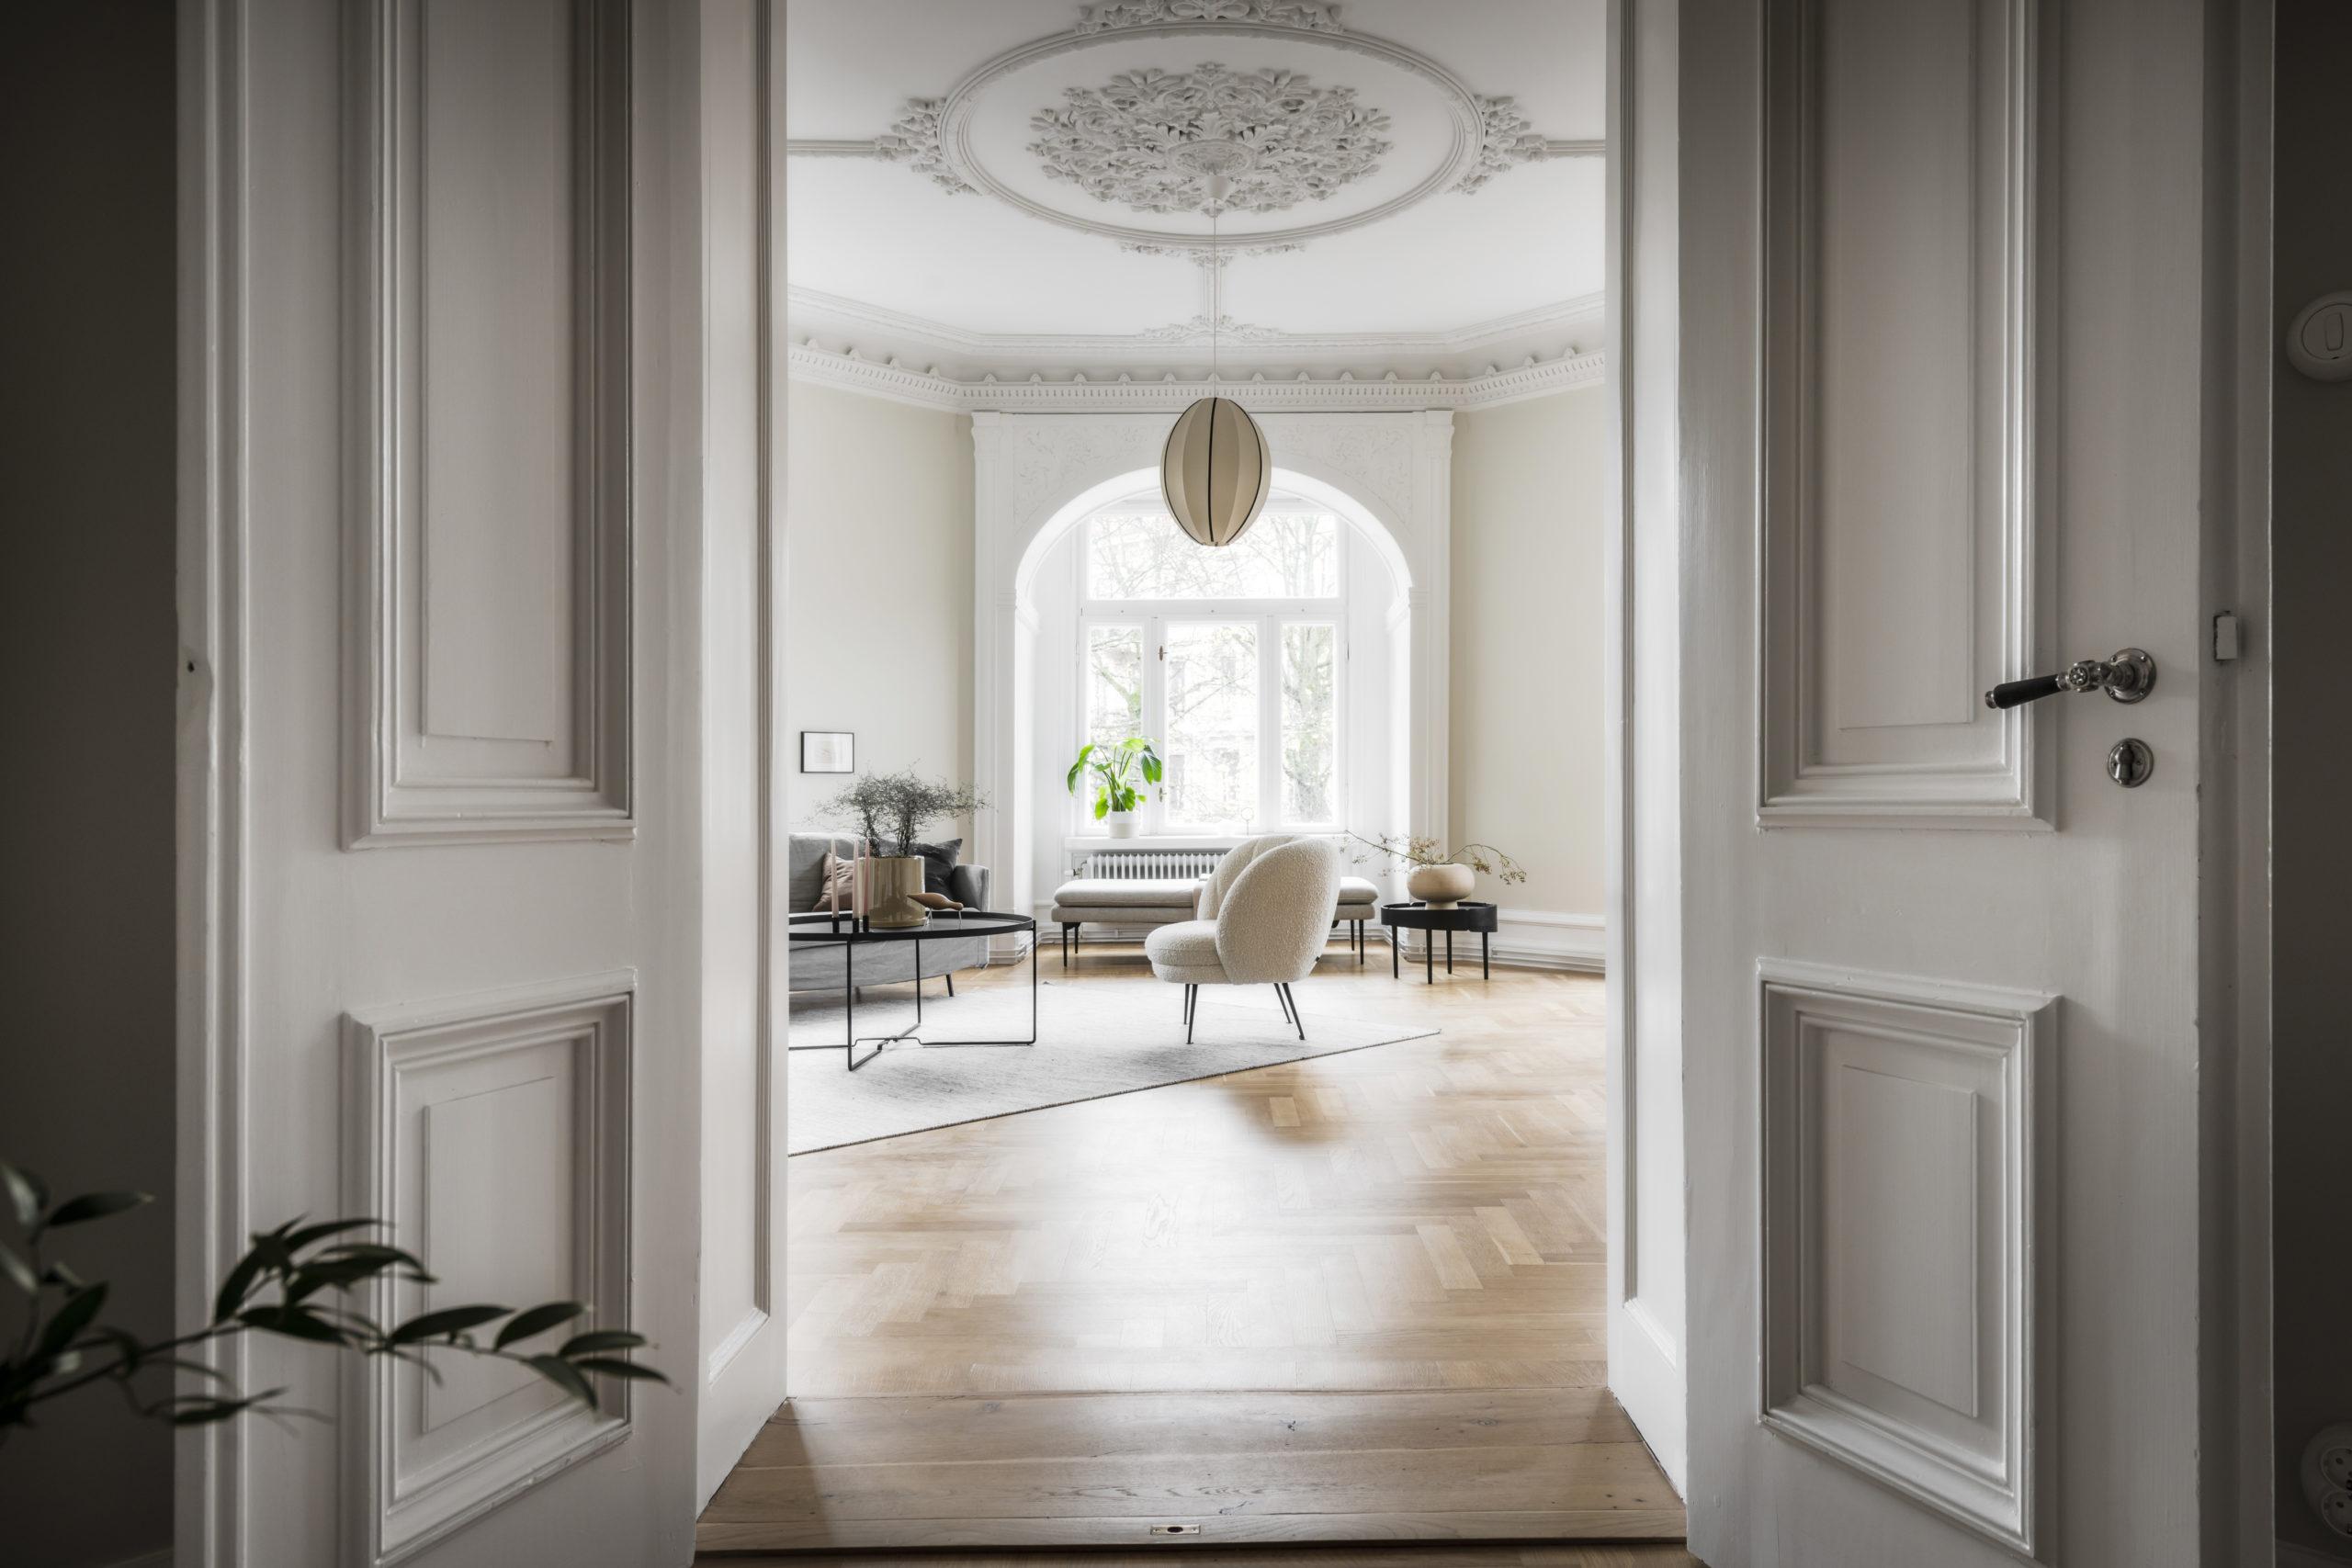 Dörröppning till ett exklusivt vardagsrum i en lägenhet